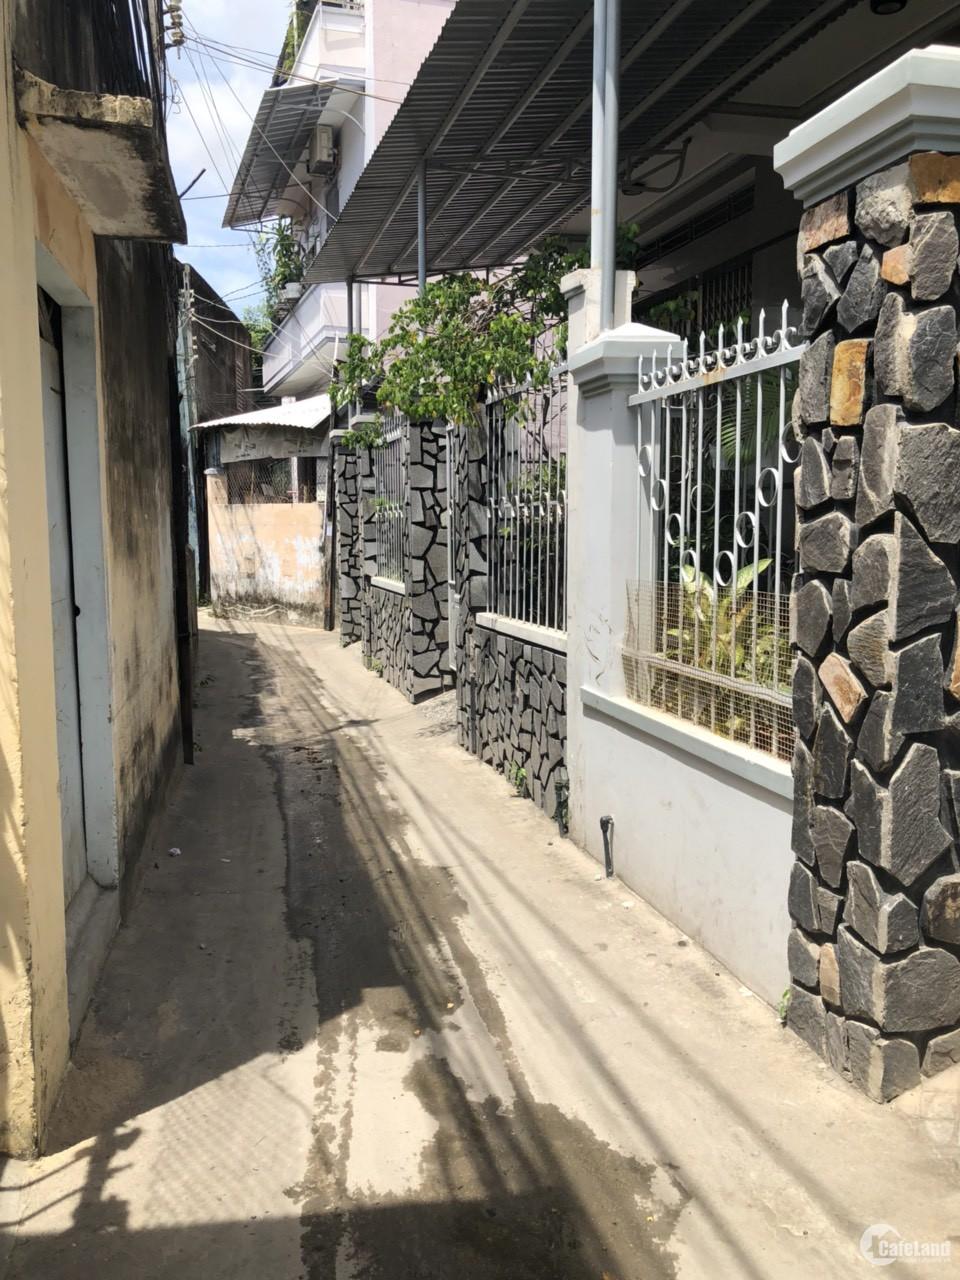 CẦNBÁN CĂN NHÀ NHỎ CÁCH ĐƯỜNG ĐỒNG NAI PHƯỚC HẢI TP. NHA TRANG CHỈ 70M GIÁ 1.5 T